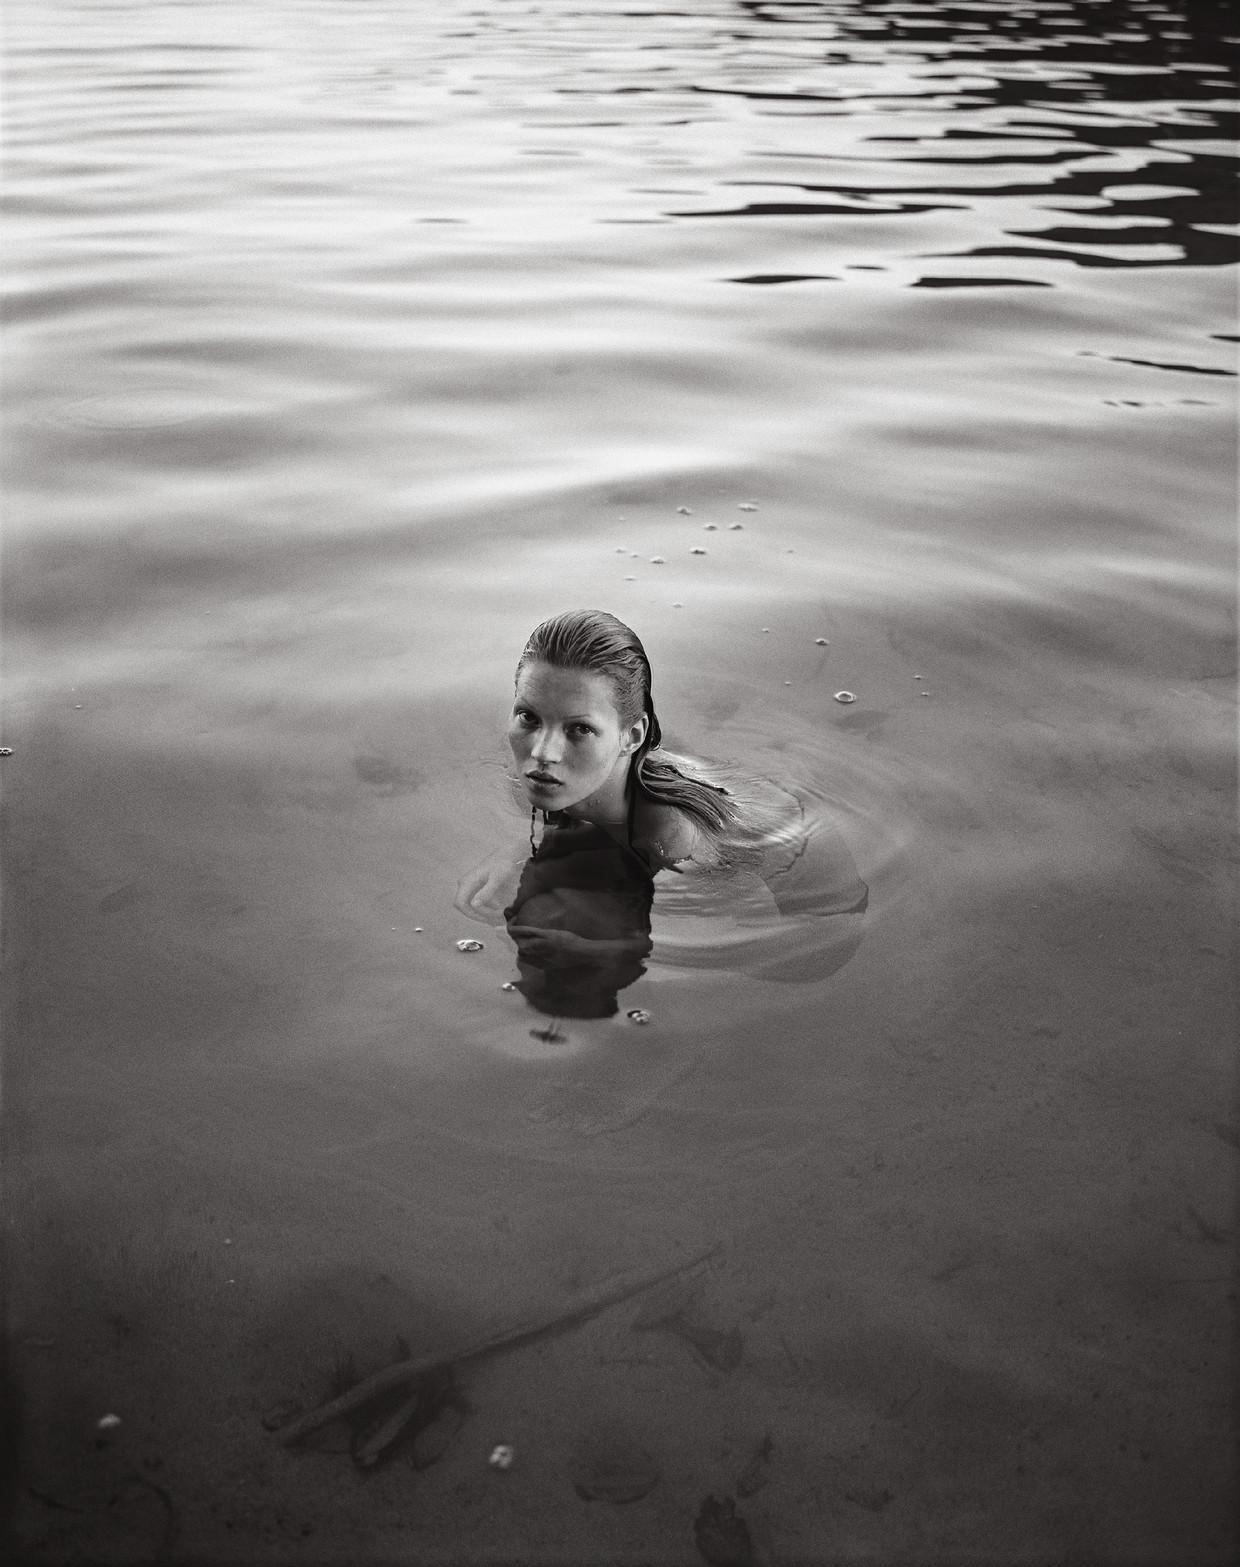 Modefotograaf Mario Sorrenti (46) publiceerde het boek Kate met daarin nooit gepubliceerde foto's van het latere supermodel Kate Moss.